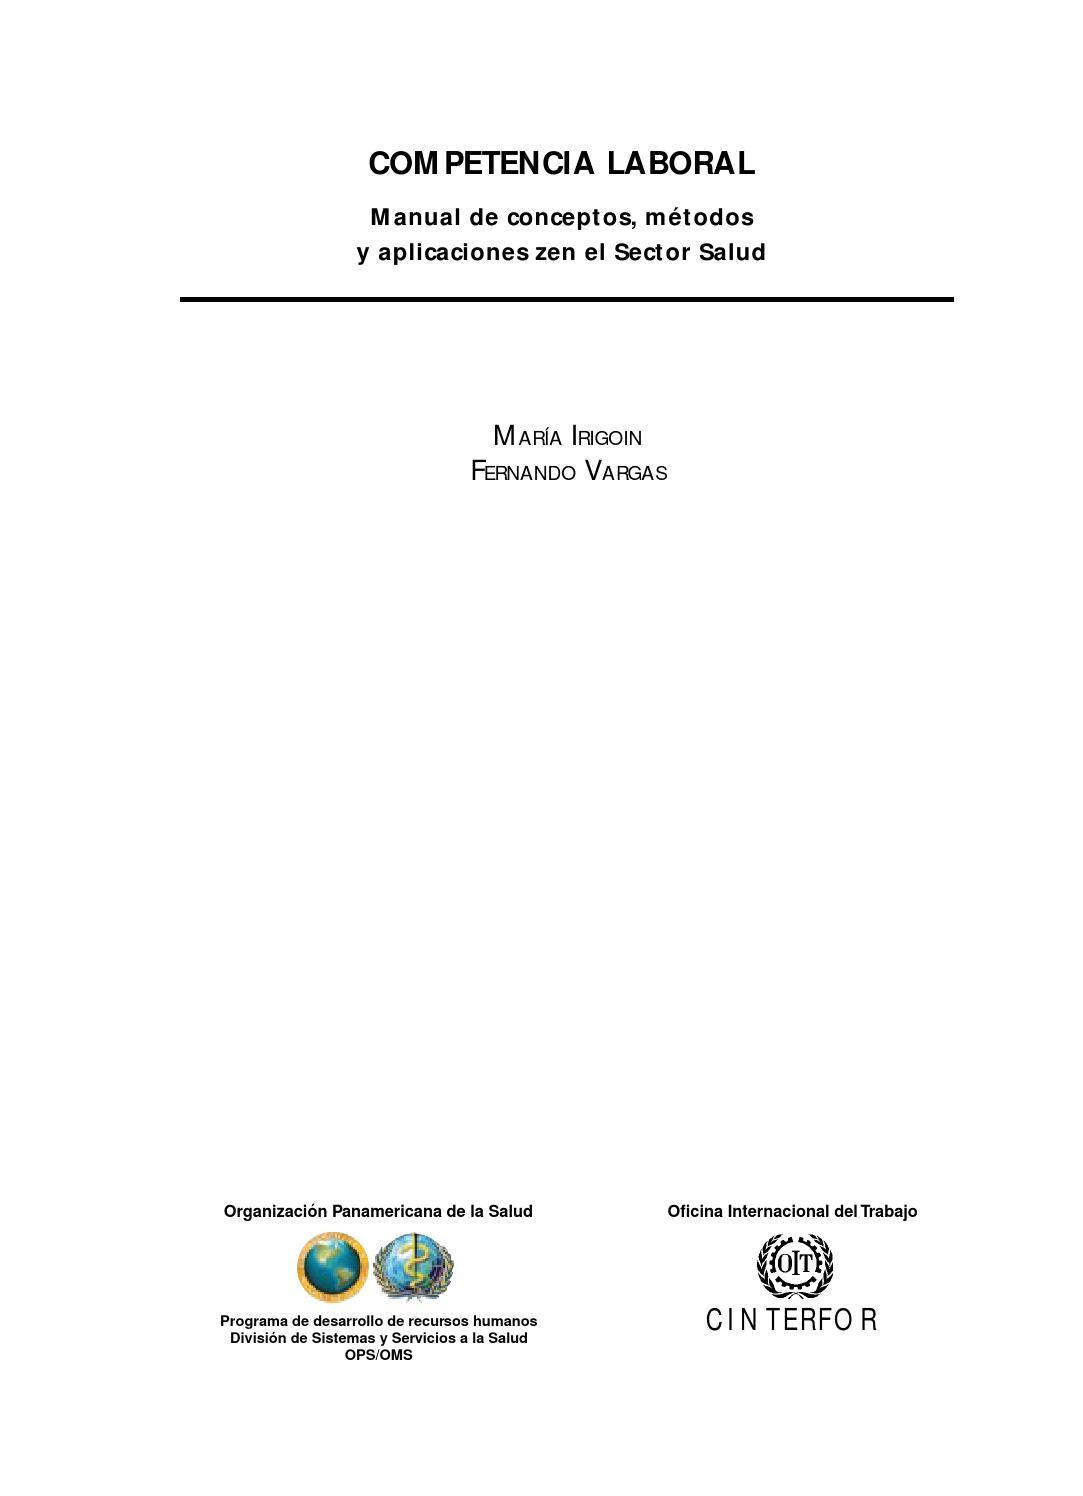 Competencia laboral maria irigoin y fernando vargas by Cristina de ...